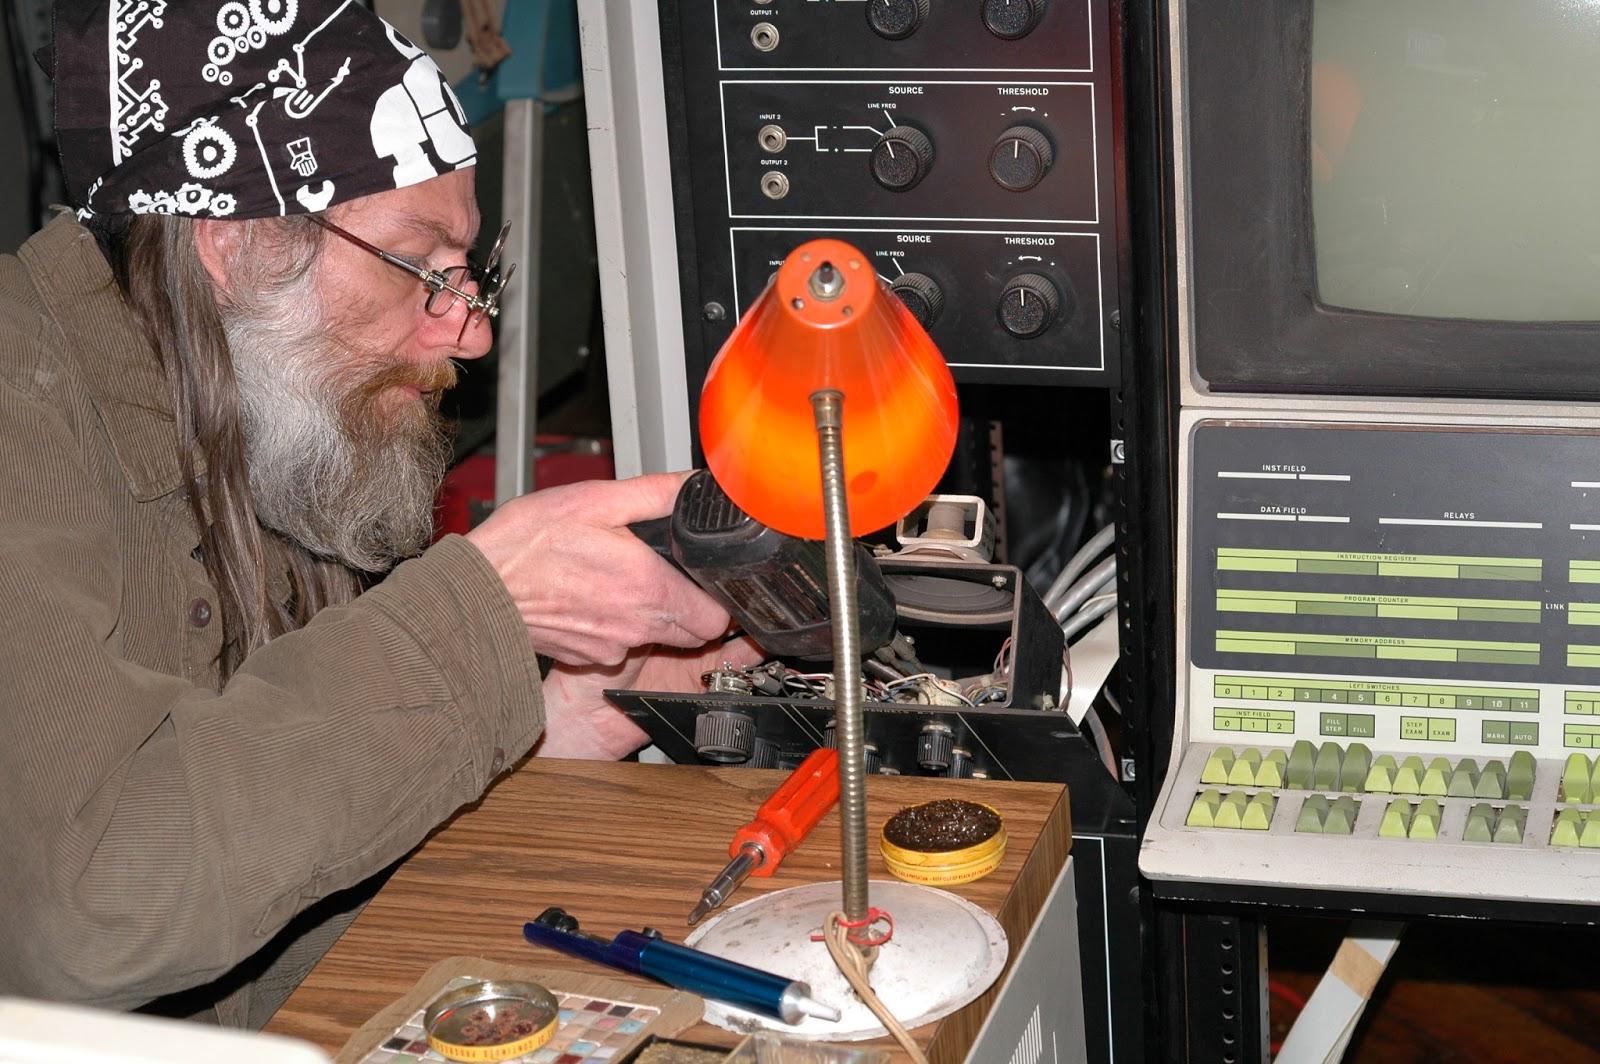 Repairing a pdp-12